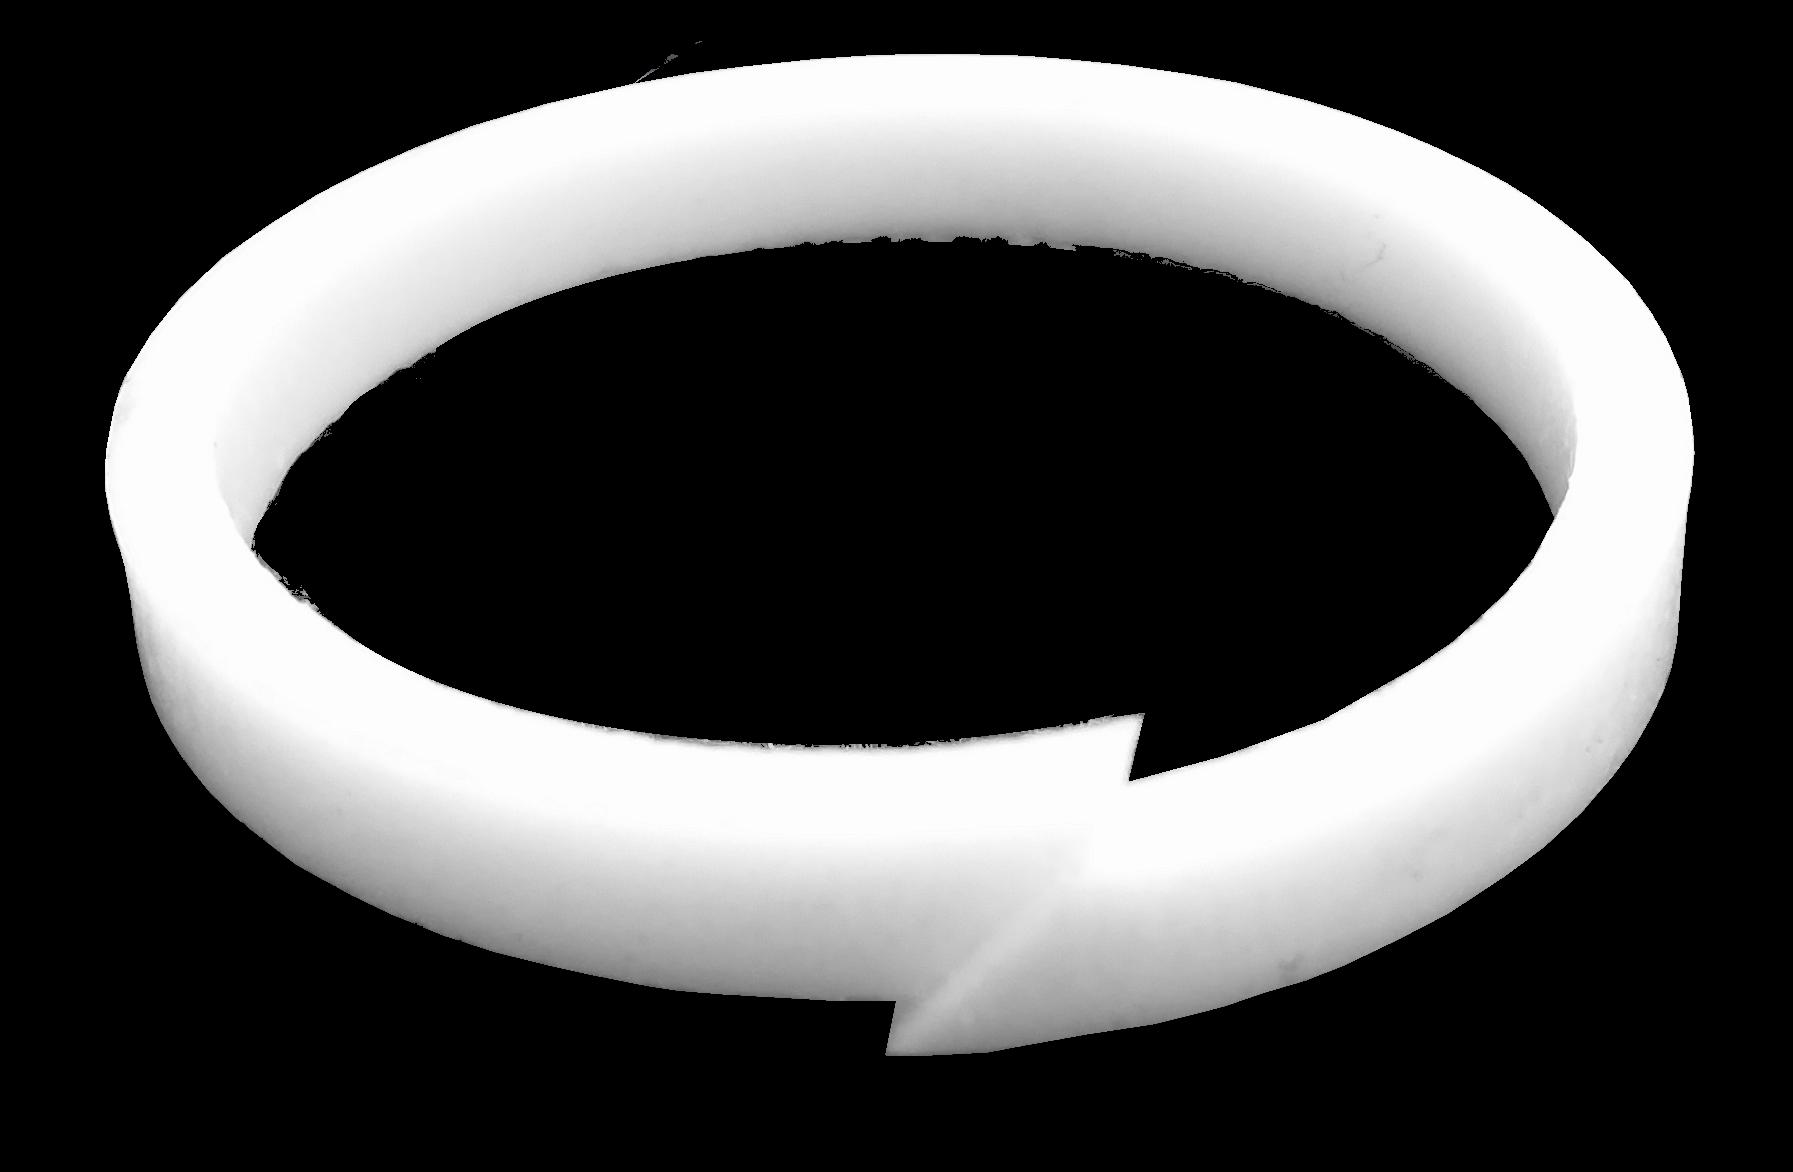 anel de teflon (todas as outras)